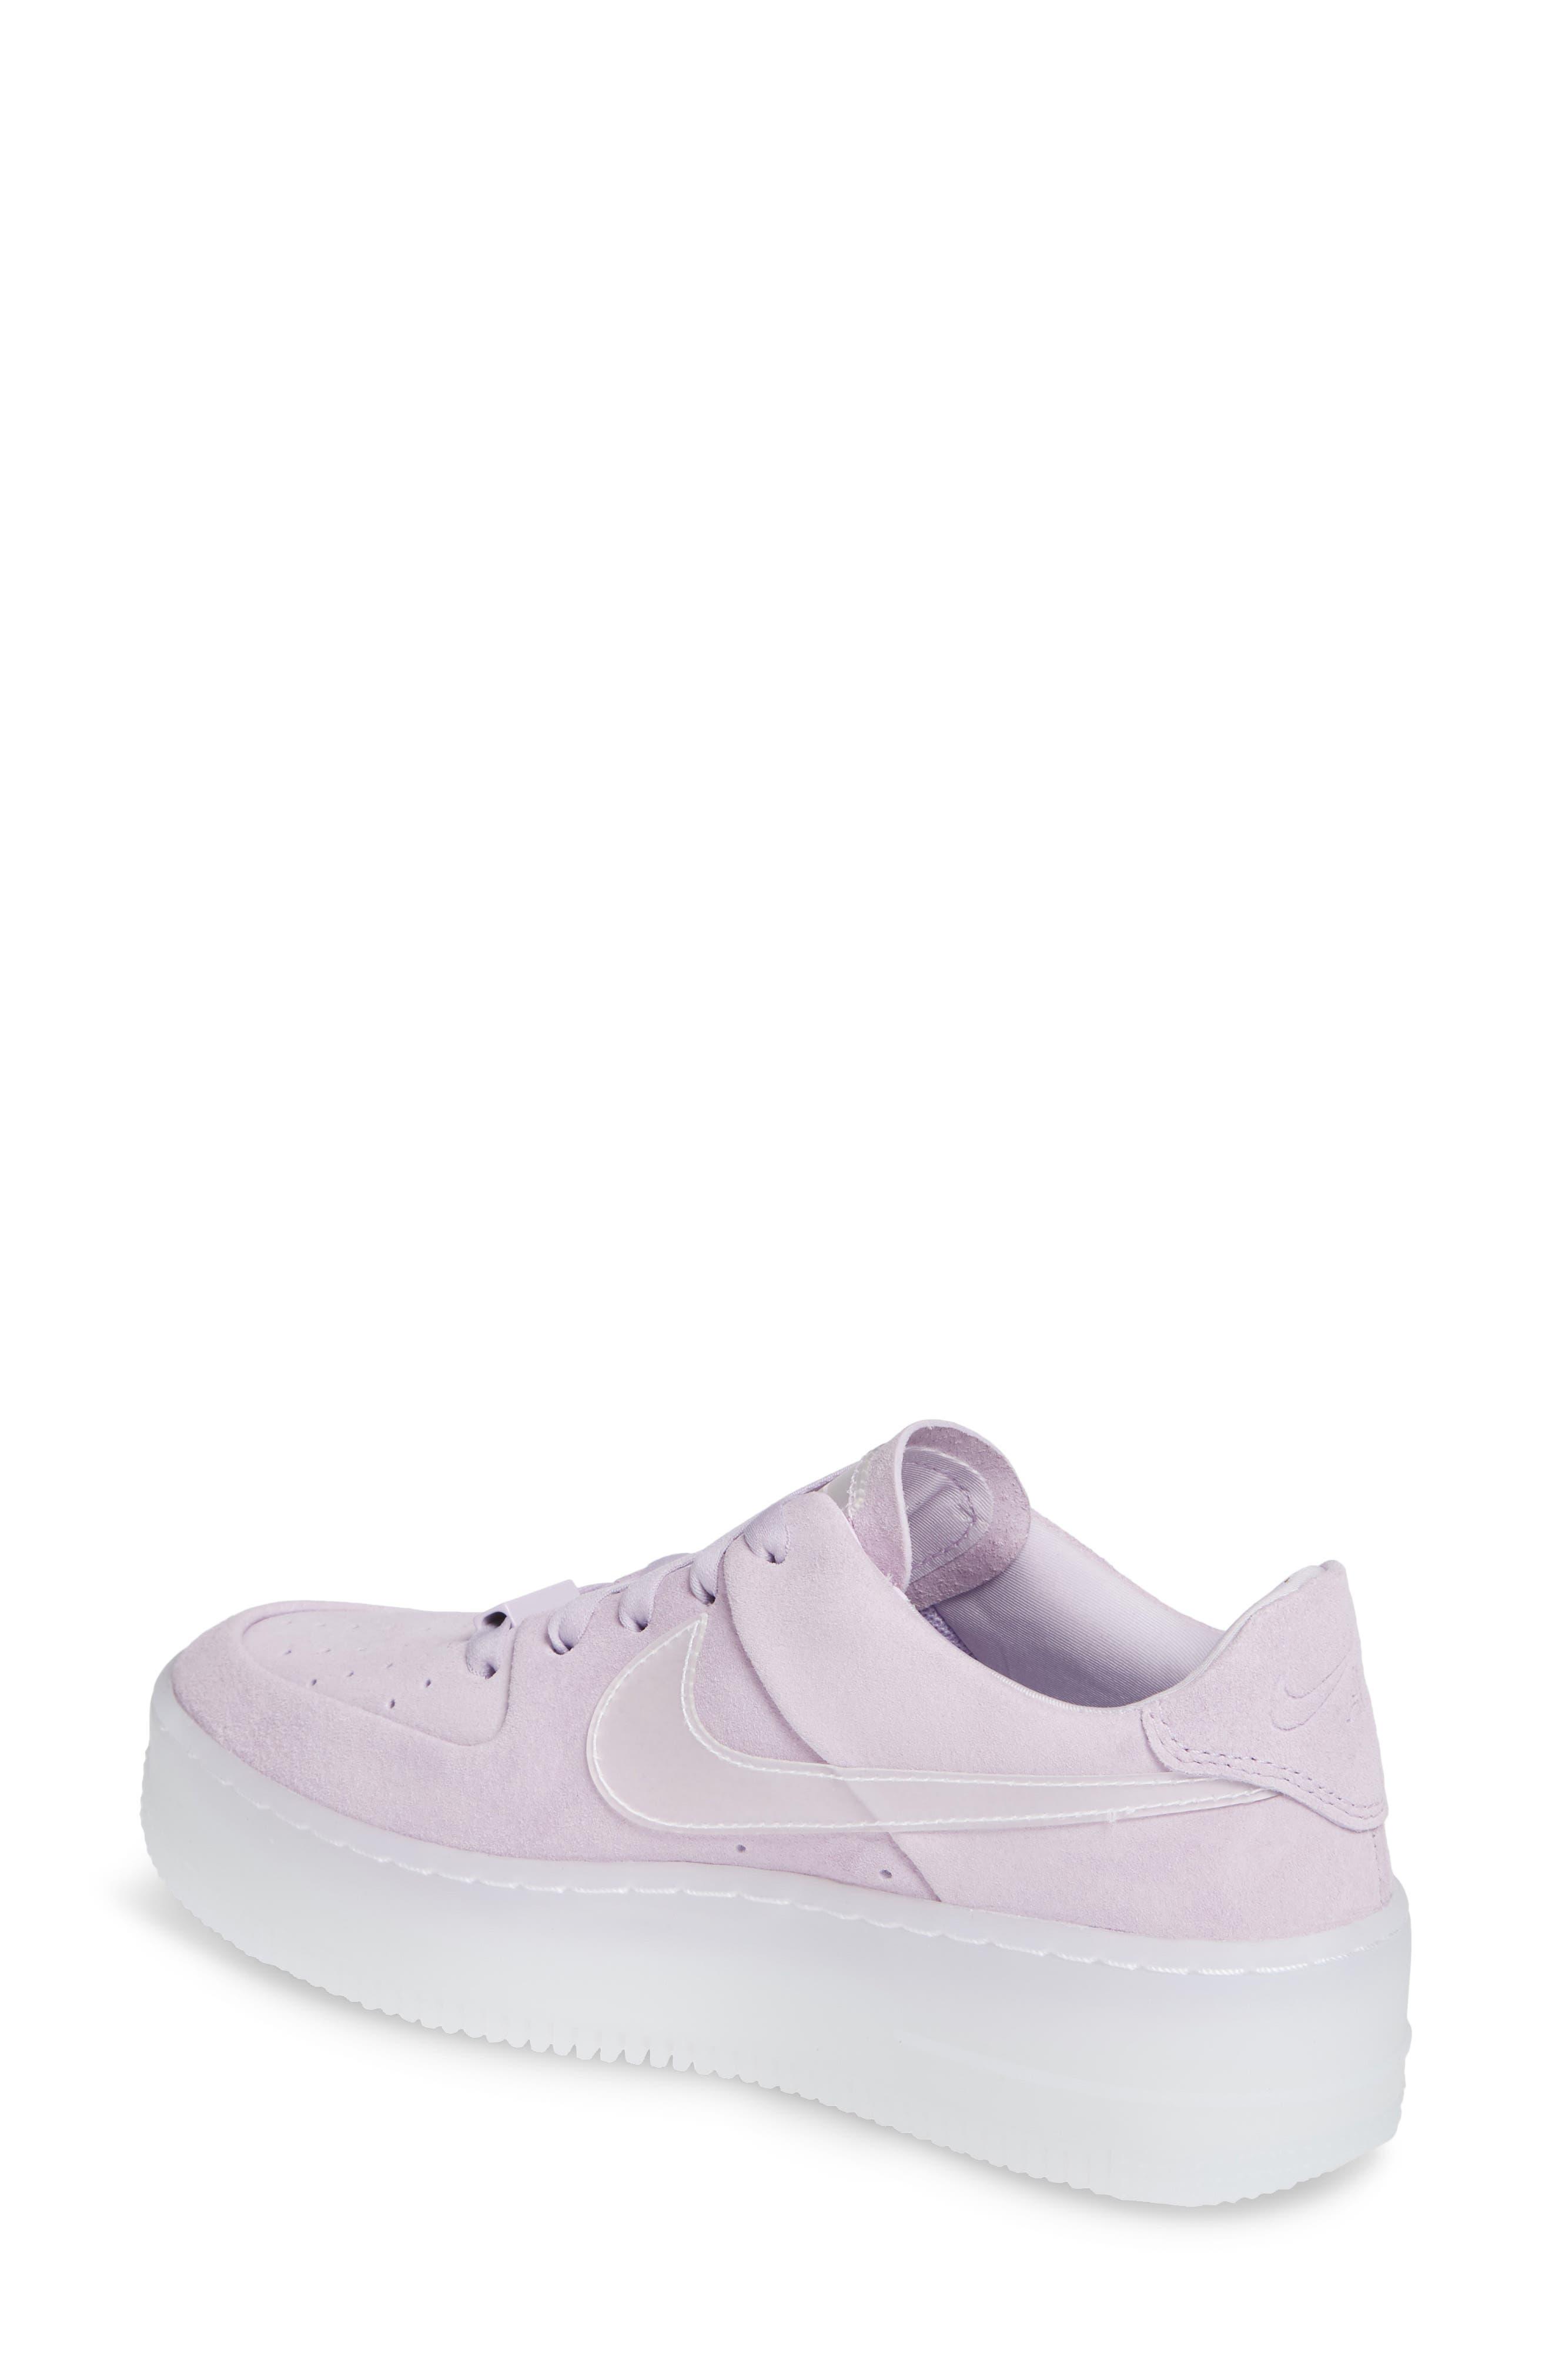 NIKE, Air Force 1 Sage Low Platform Sneaker, Alternate thumbnail 2, color, VIOLET MIST/ VIOLET MIST